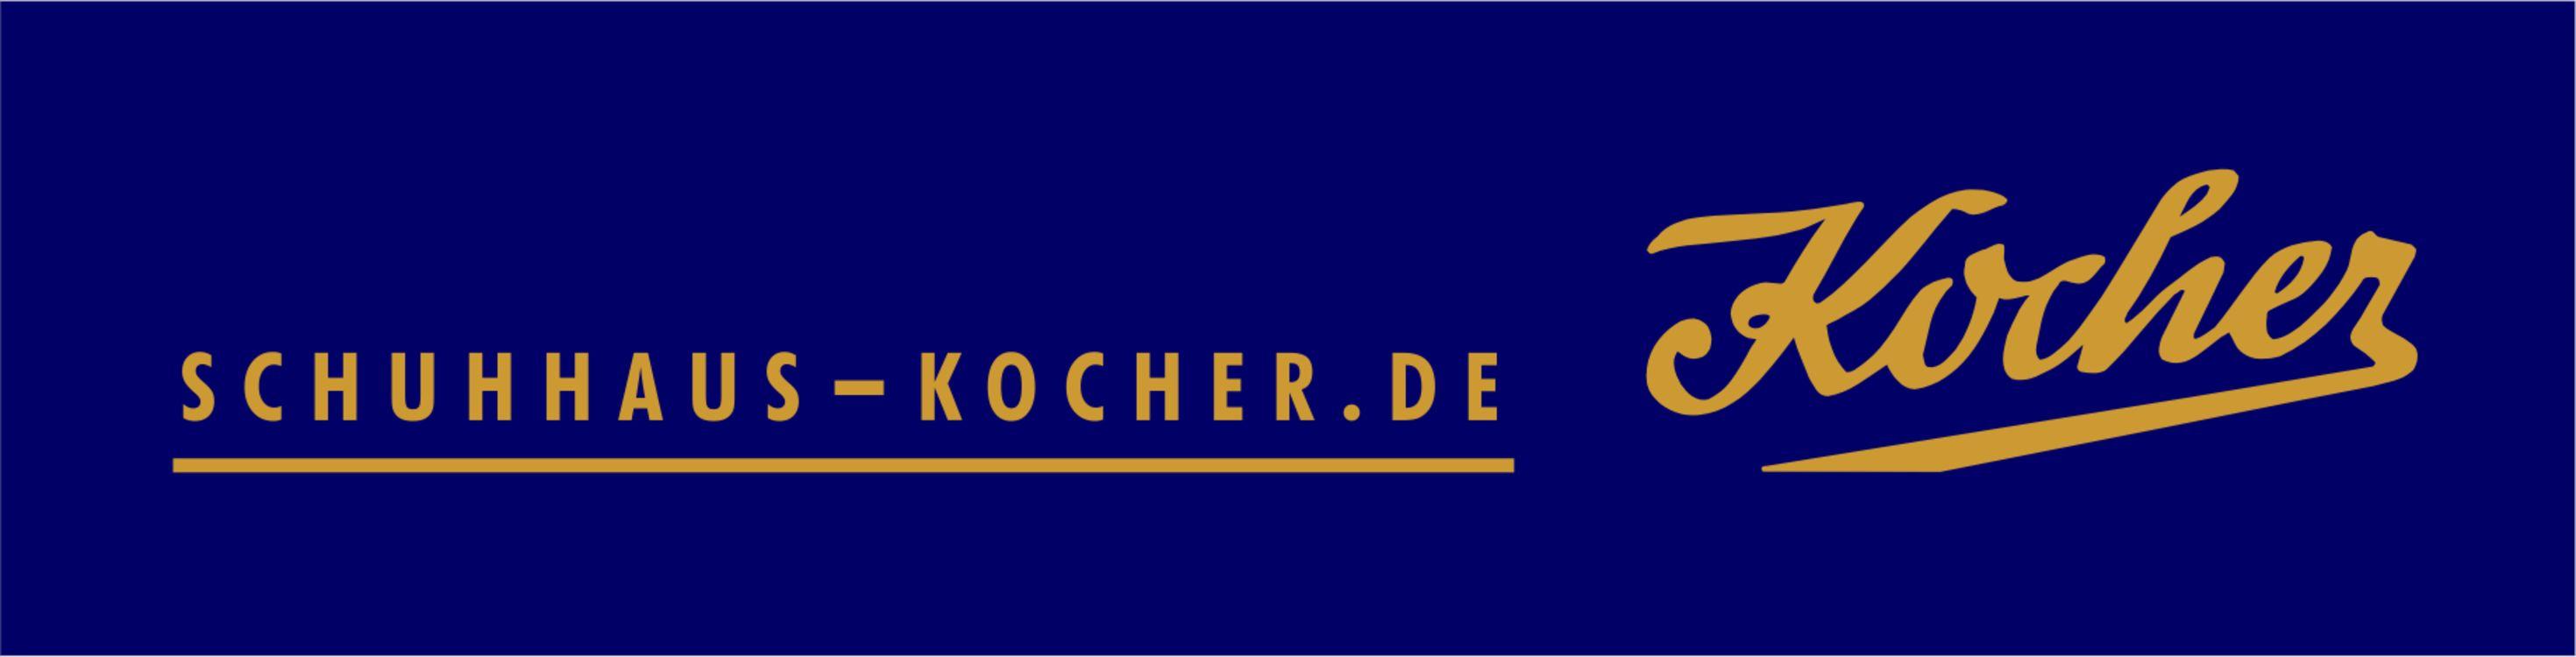 Schuhhaus Kocher in Freiburg im Breisgau (Bild 1)